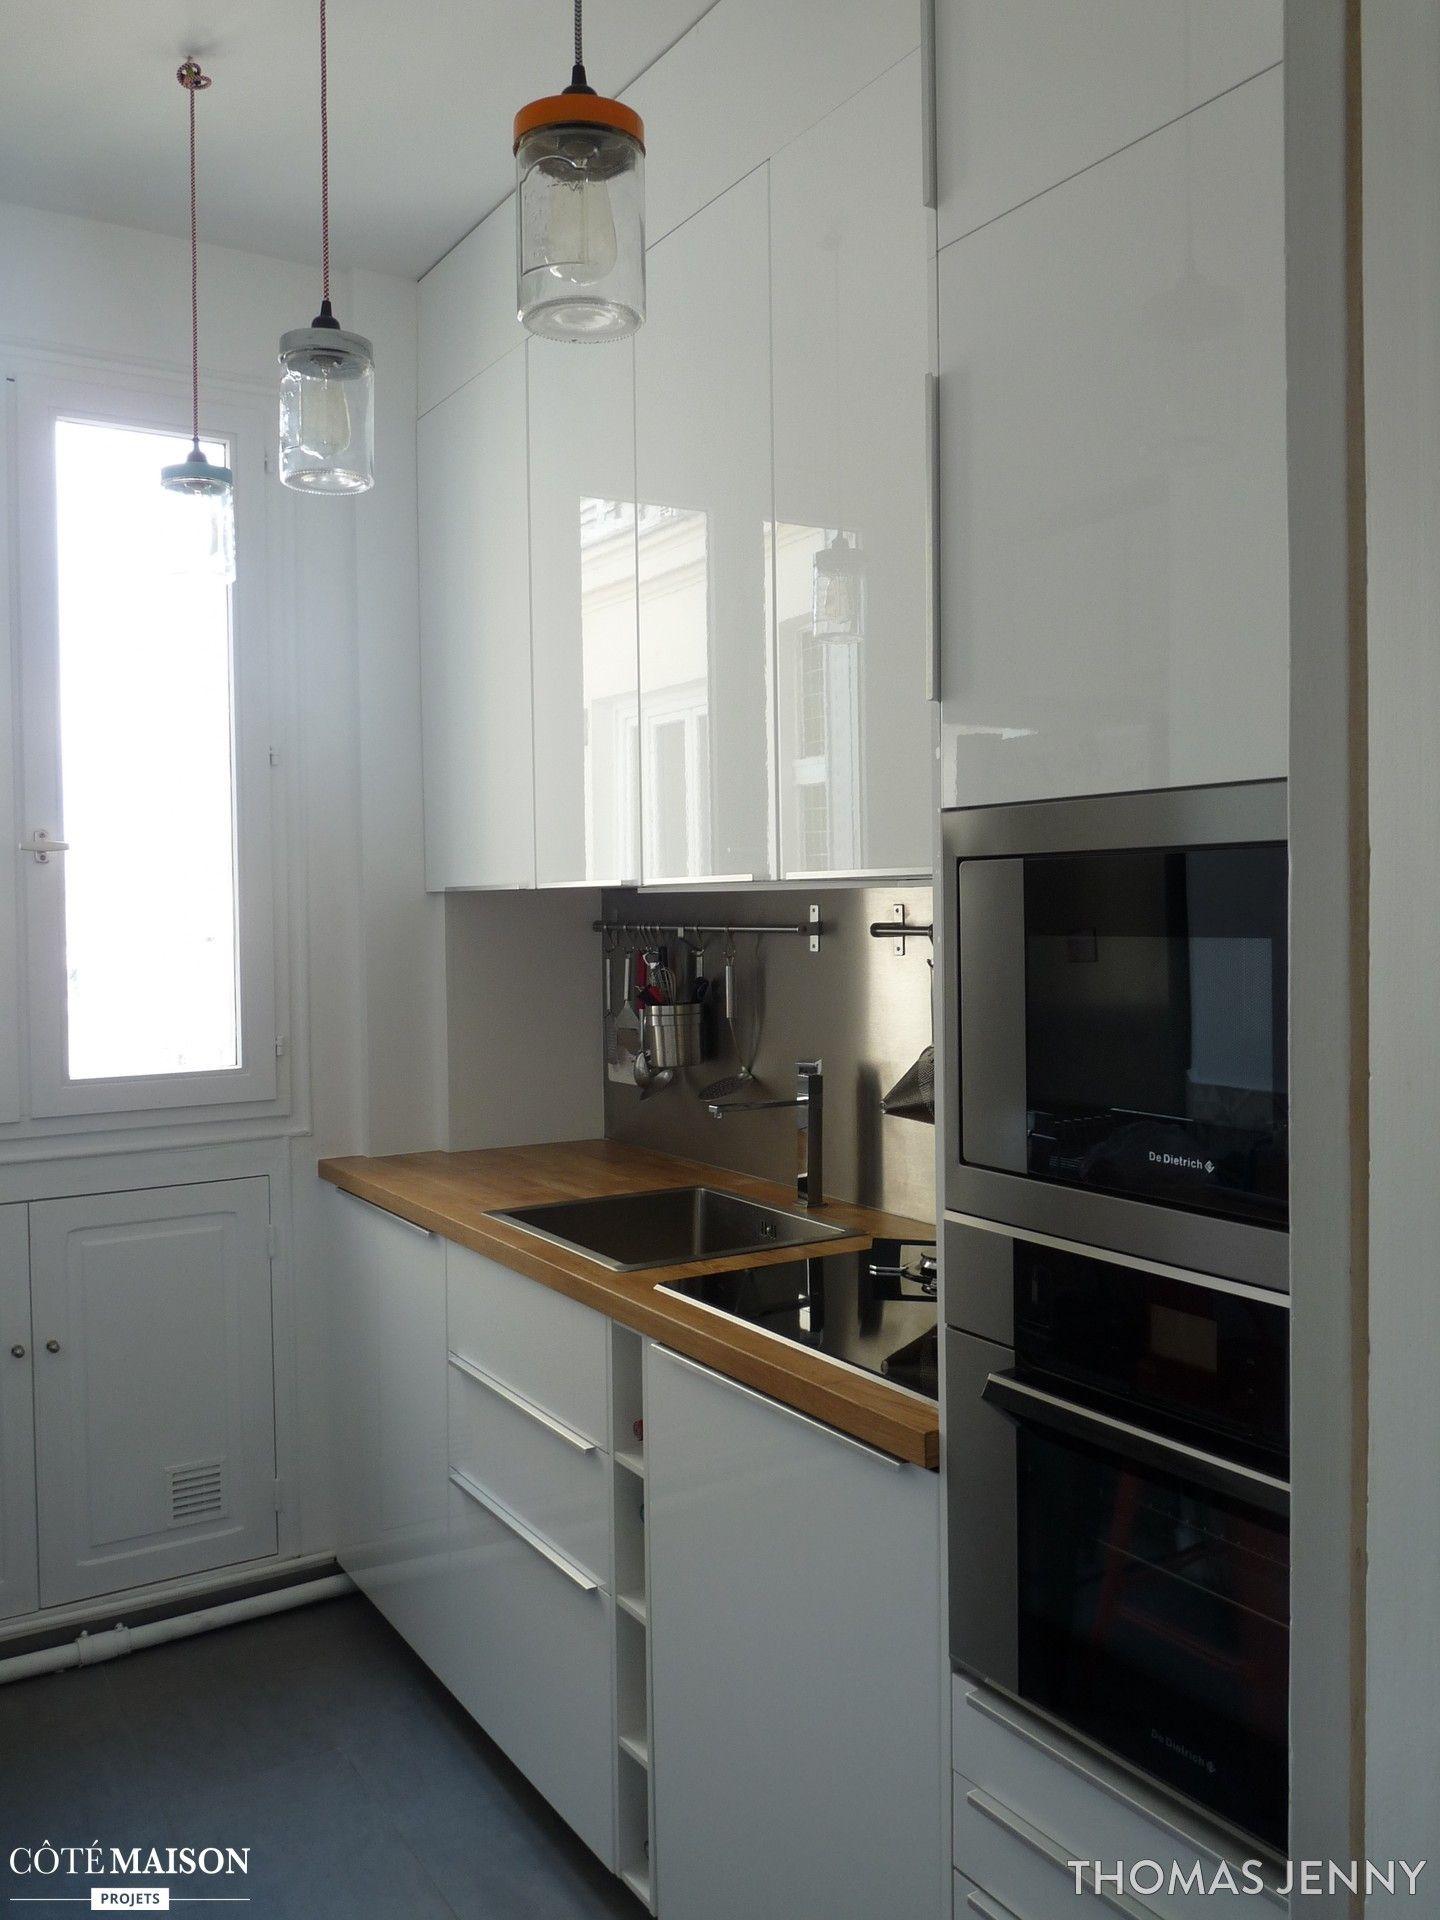 une petite cuisine fonctionnelle - avec des placards laqués tout en